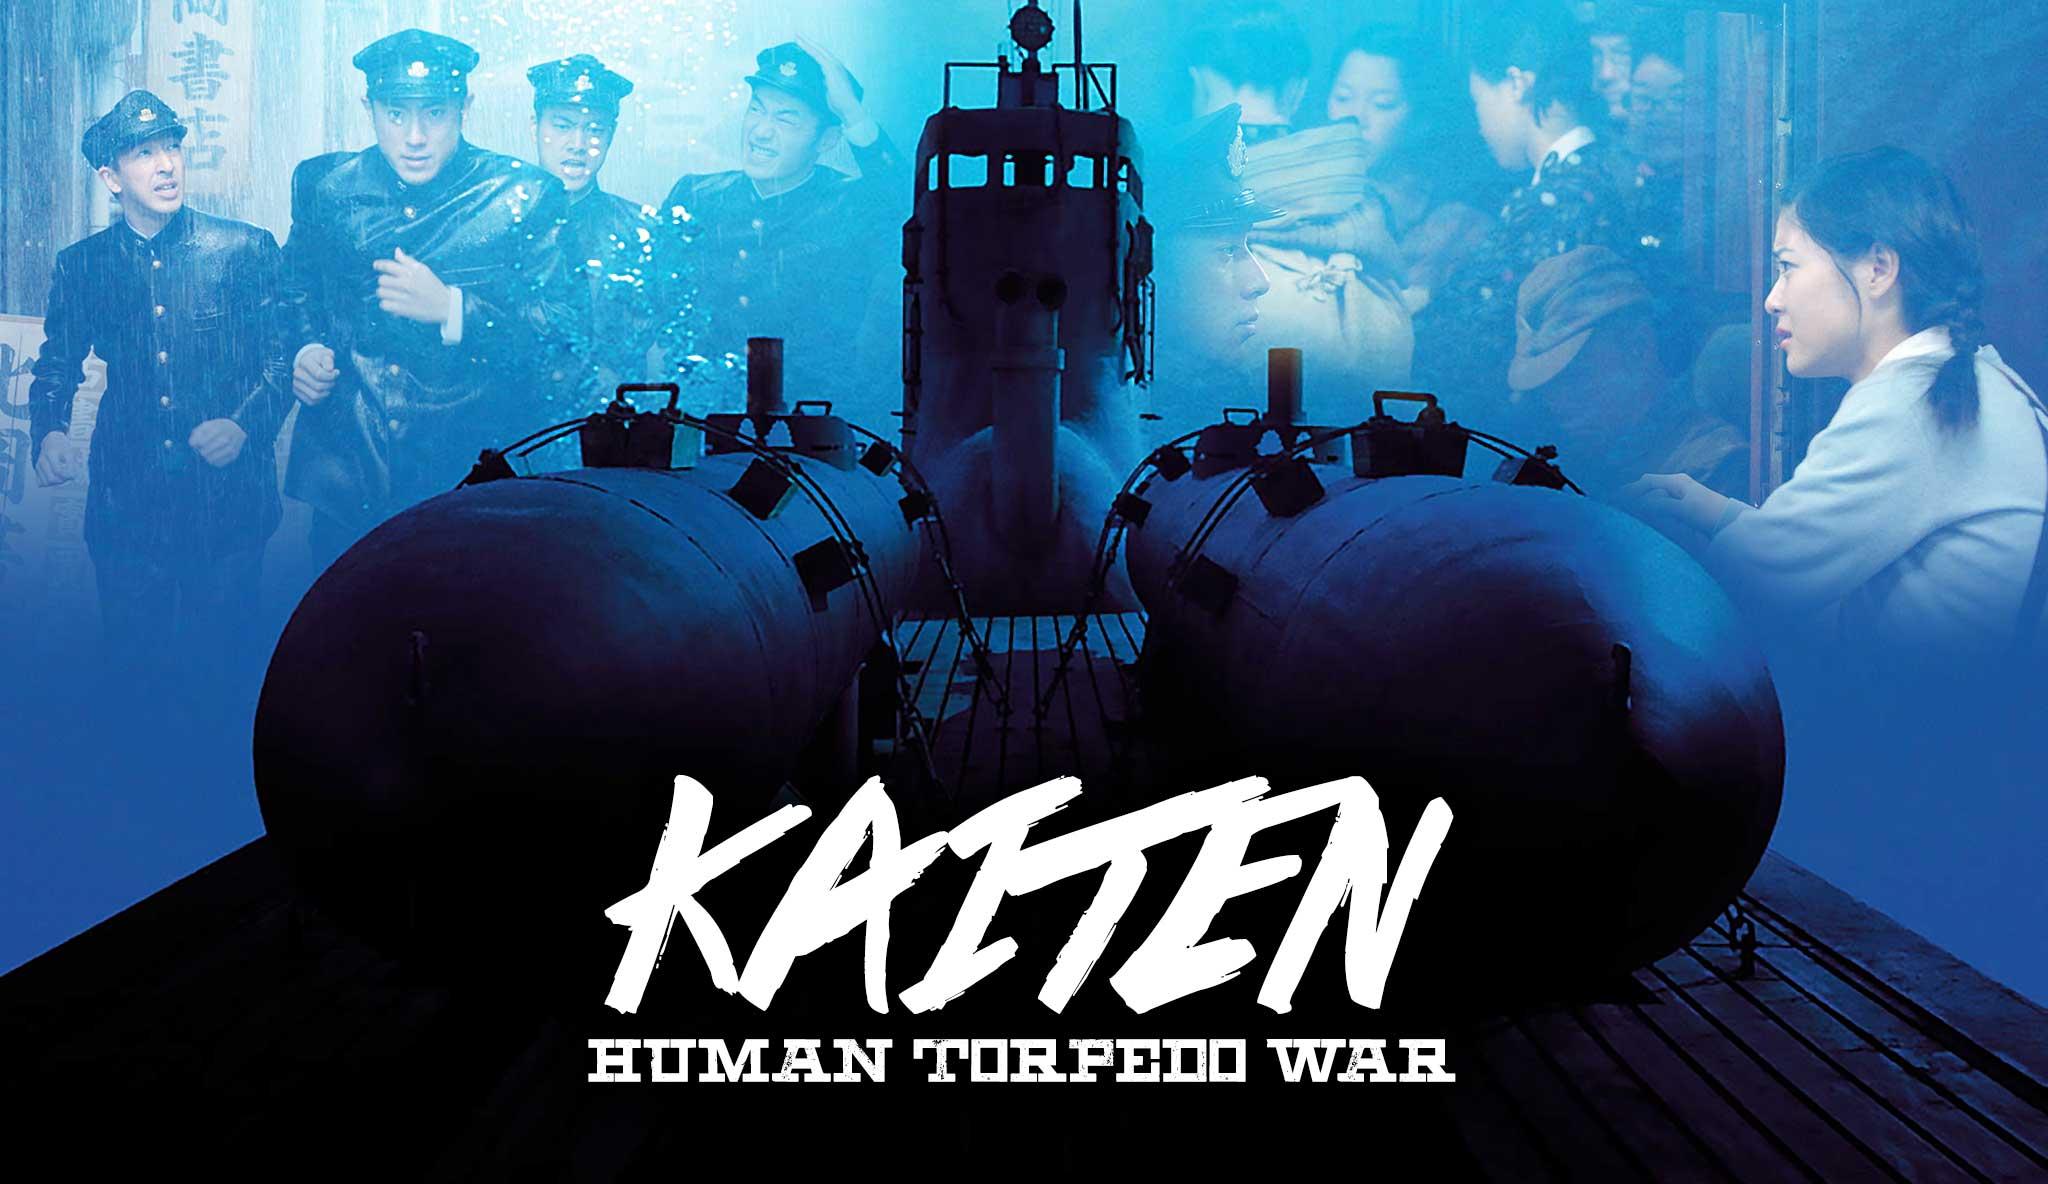 kaiten-human-torpedo-war\header.jpg